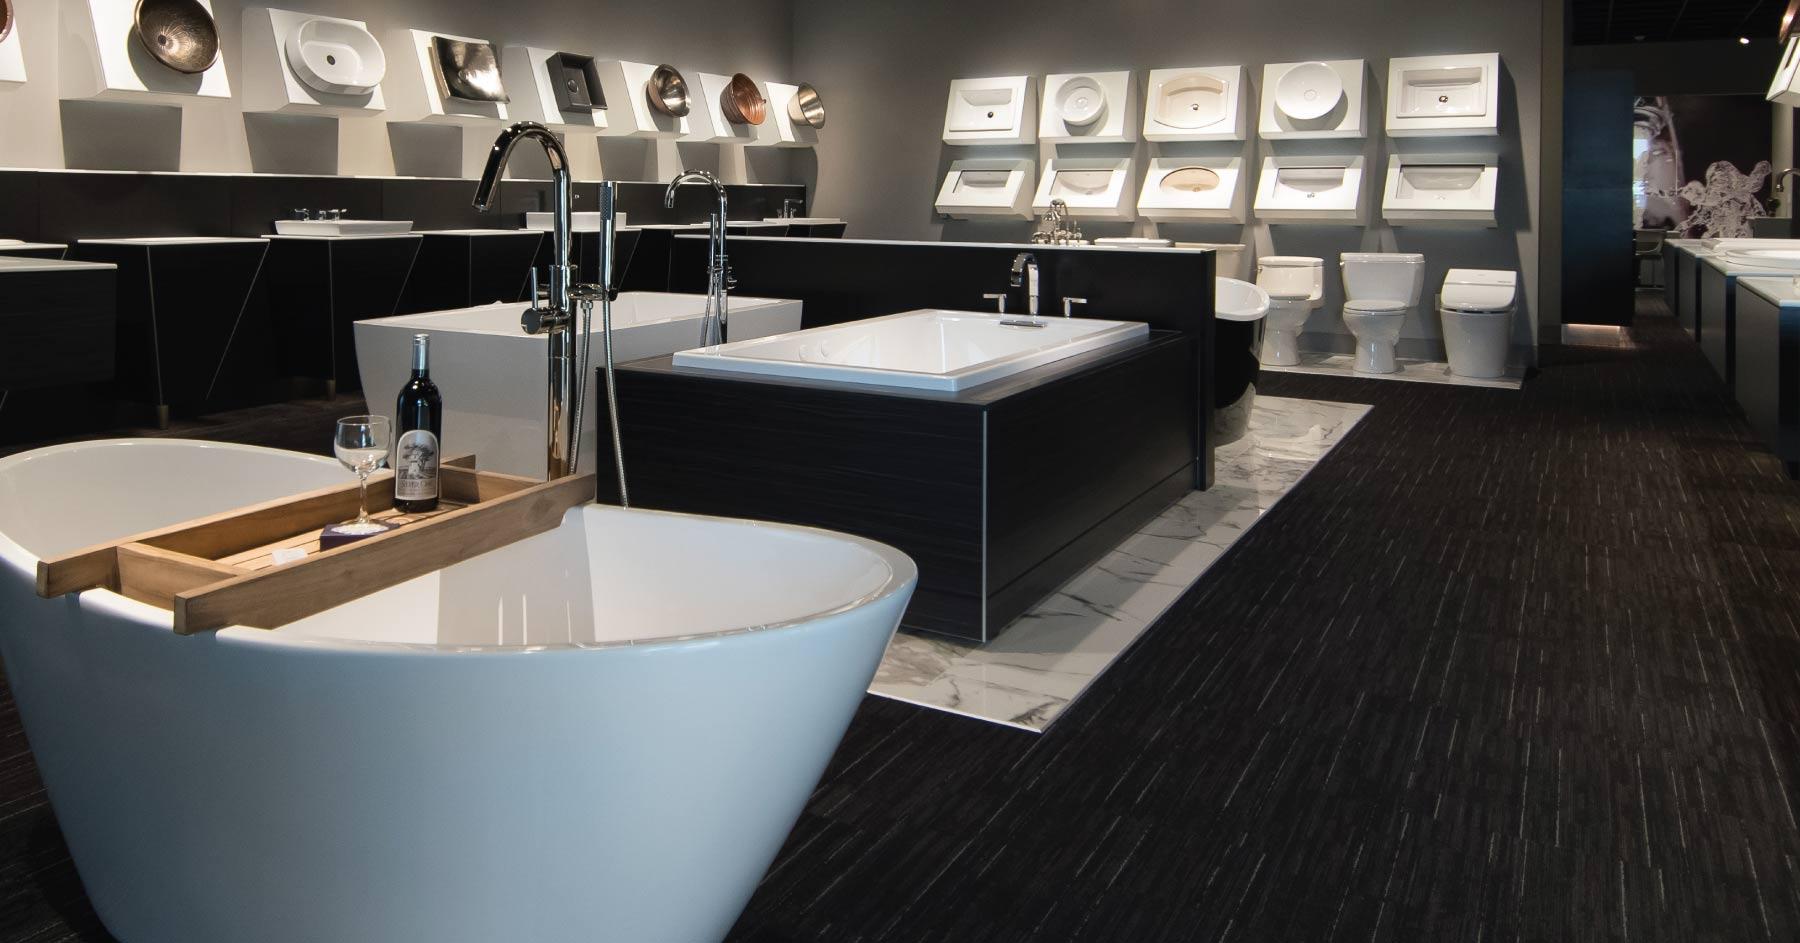 Inspire Showroom Kitchen And Bath Showroom Reno - Reno bathroom showroom